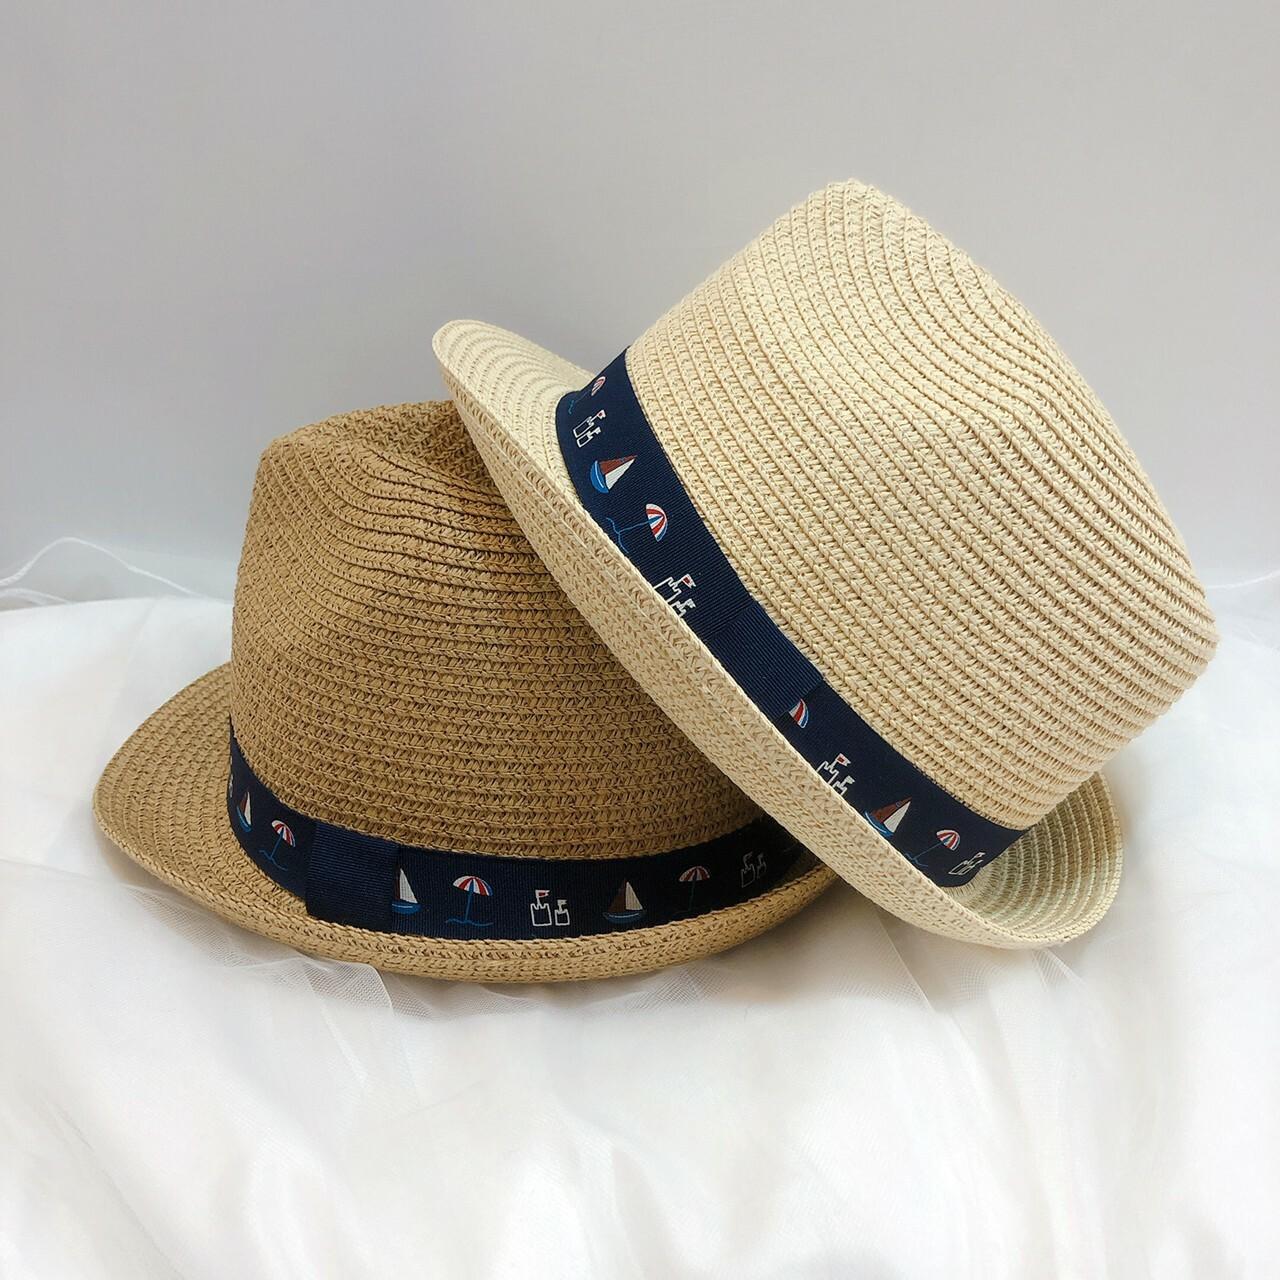 成泰0512(帽子、包)_210517_0_0.jpg